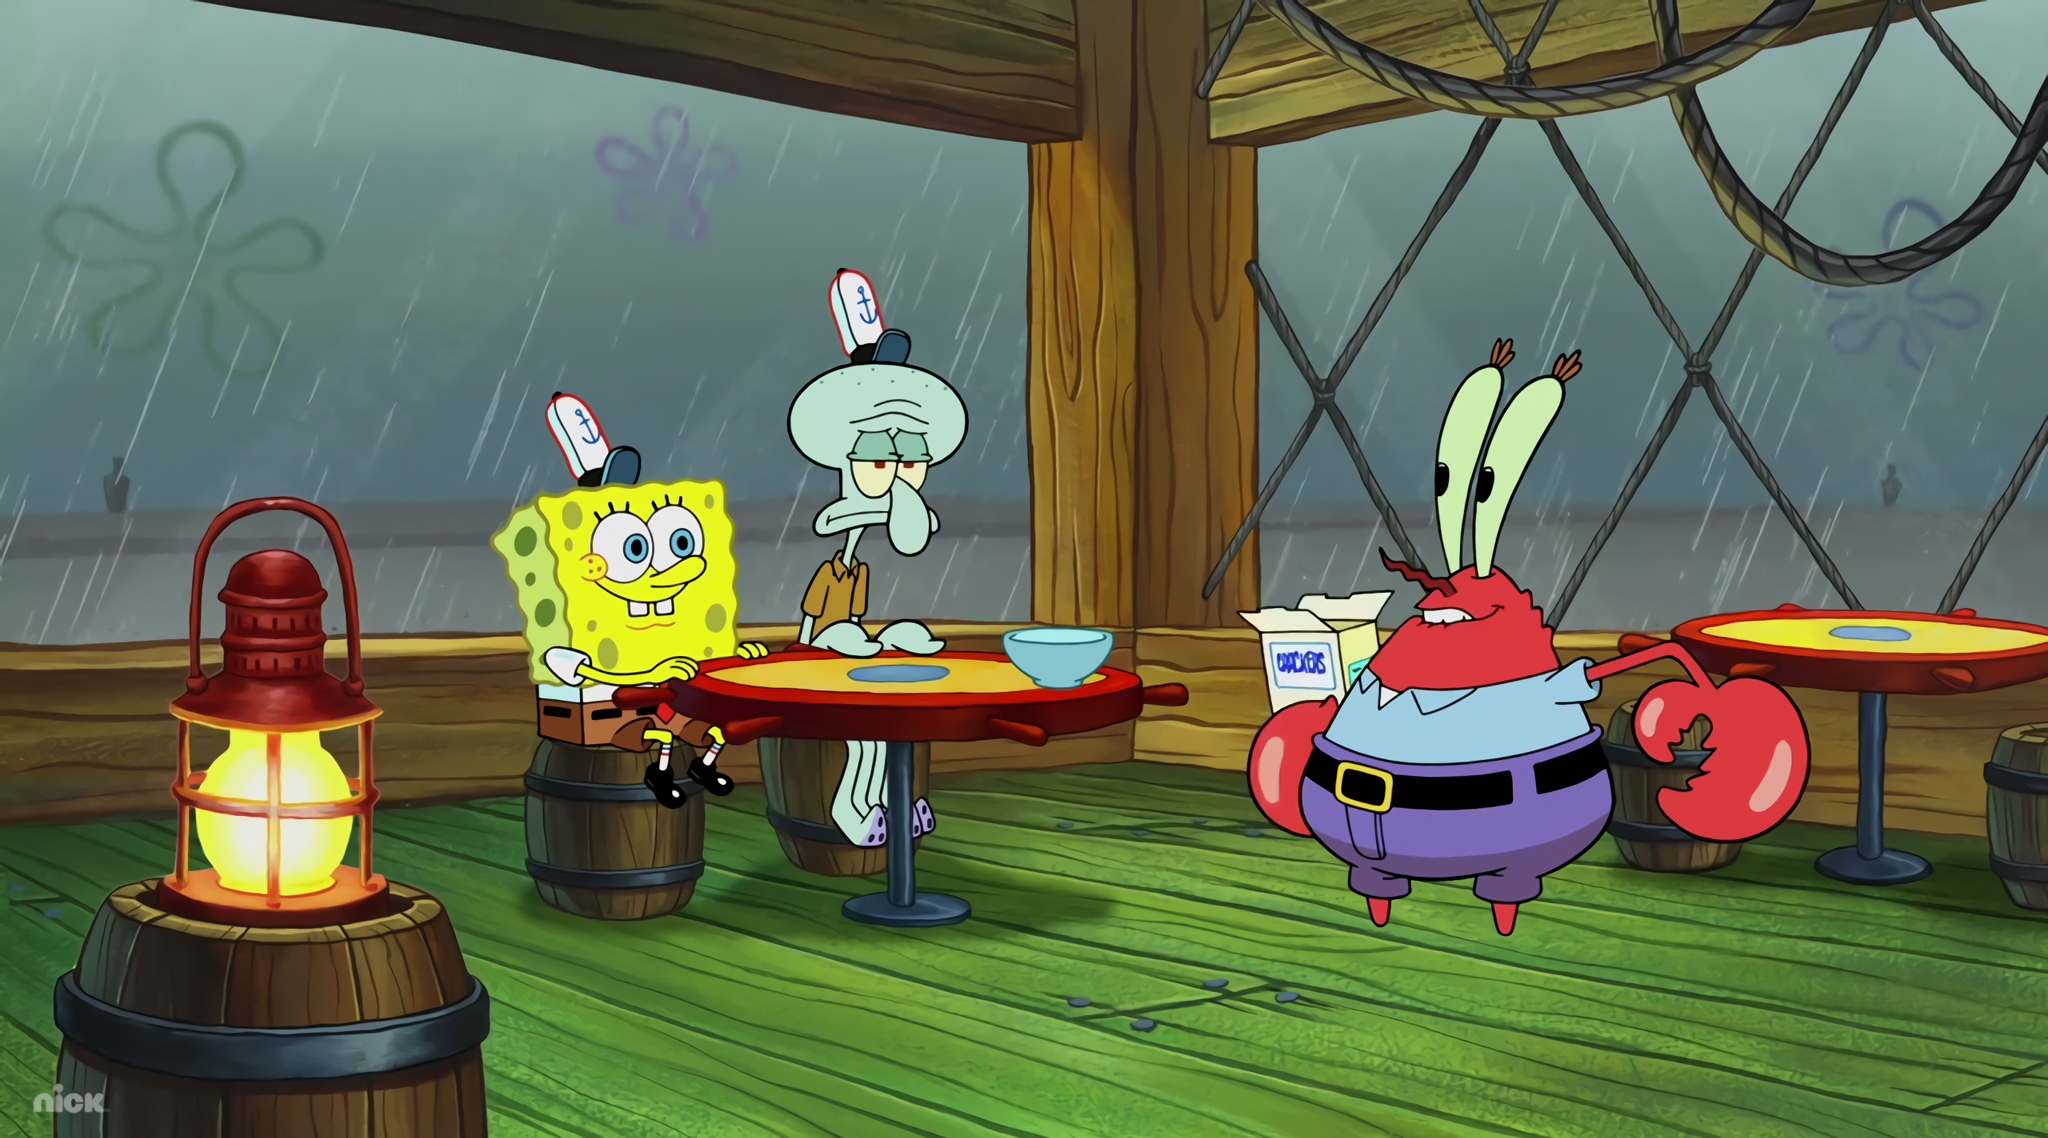 Rainy day at the Krusty Krab